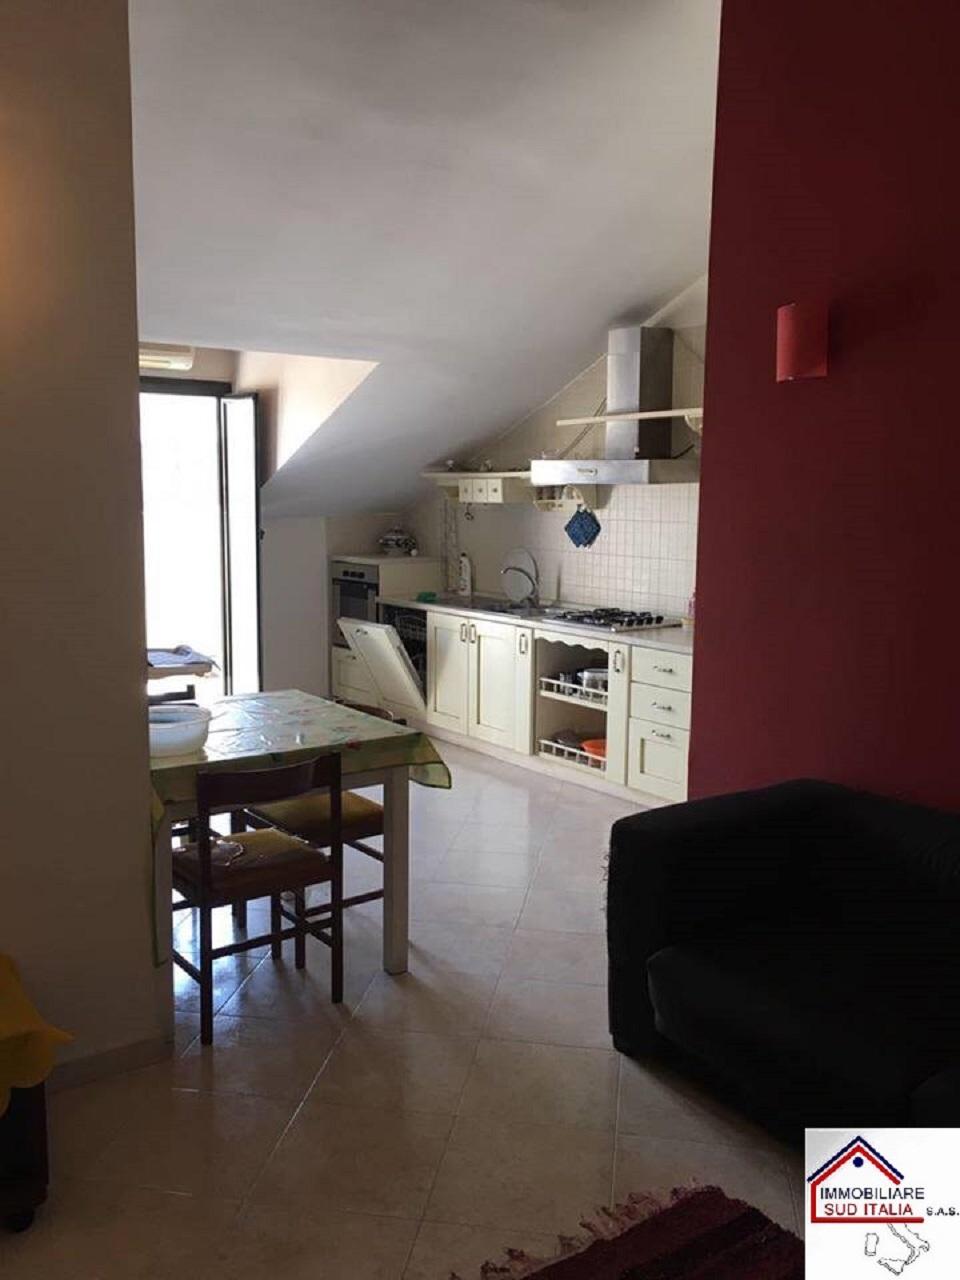 Attico / Mansarda in vendita a Giugliano in Campania, 3 locali, zona Località: LagoPatria, prezzo € 100.000 | CambioCasa.it